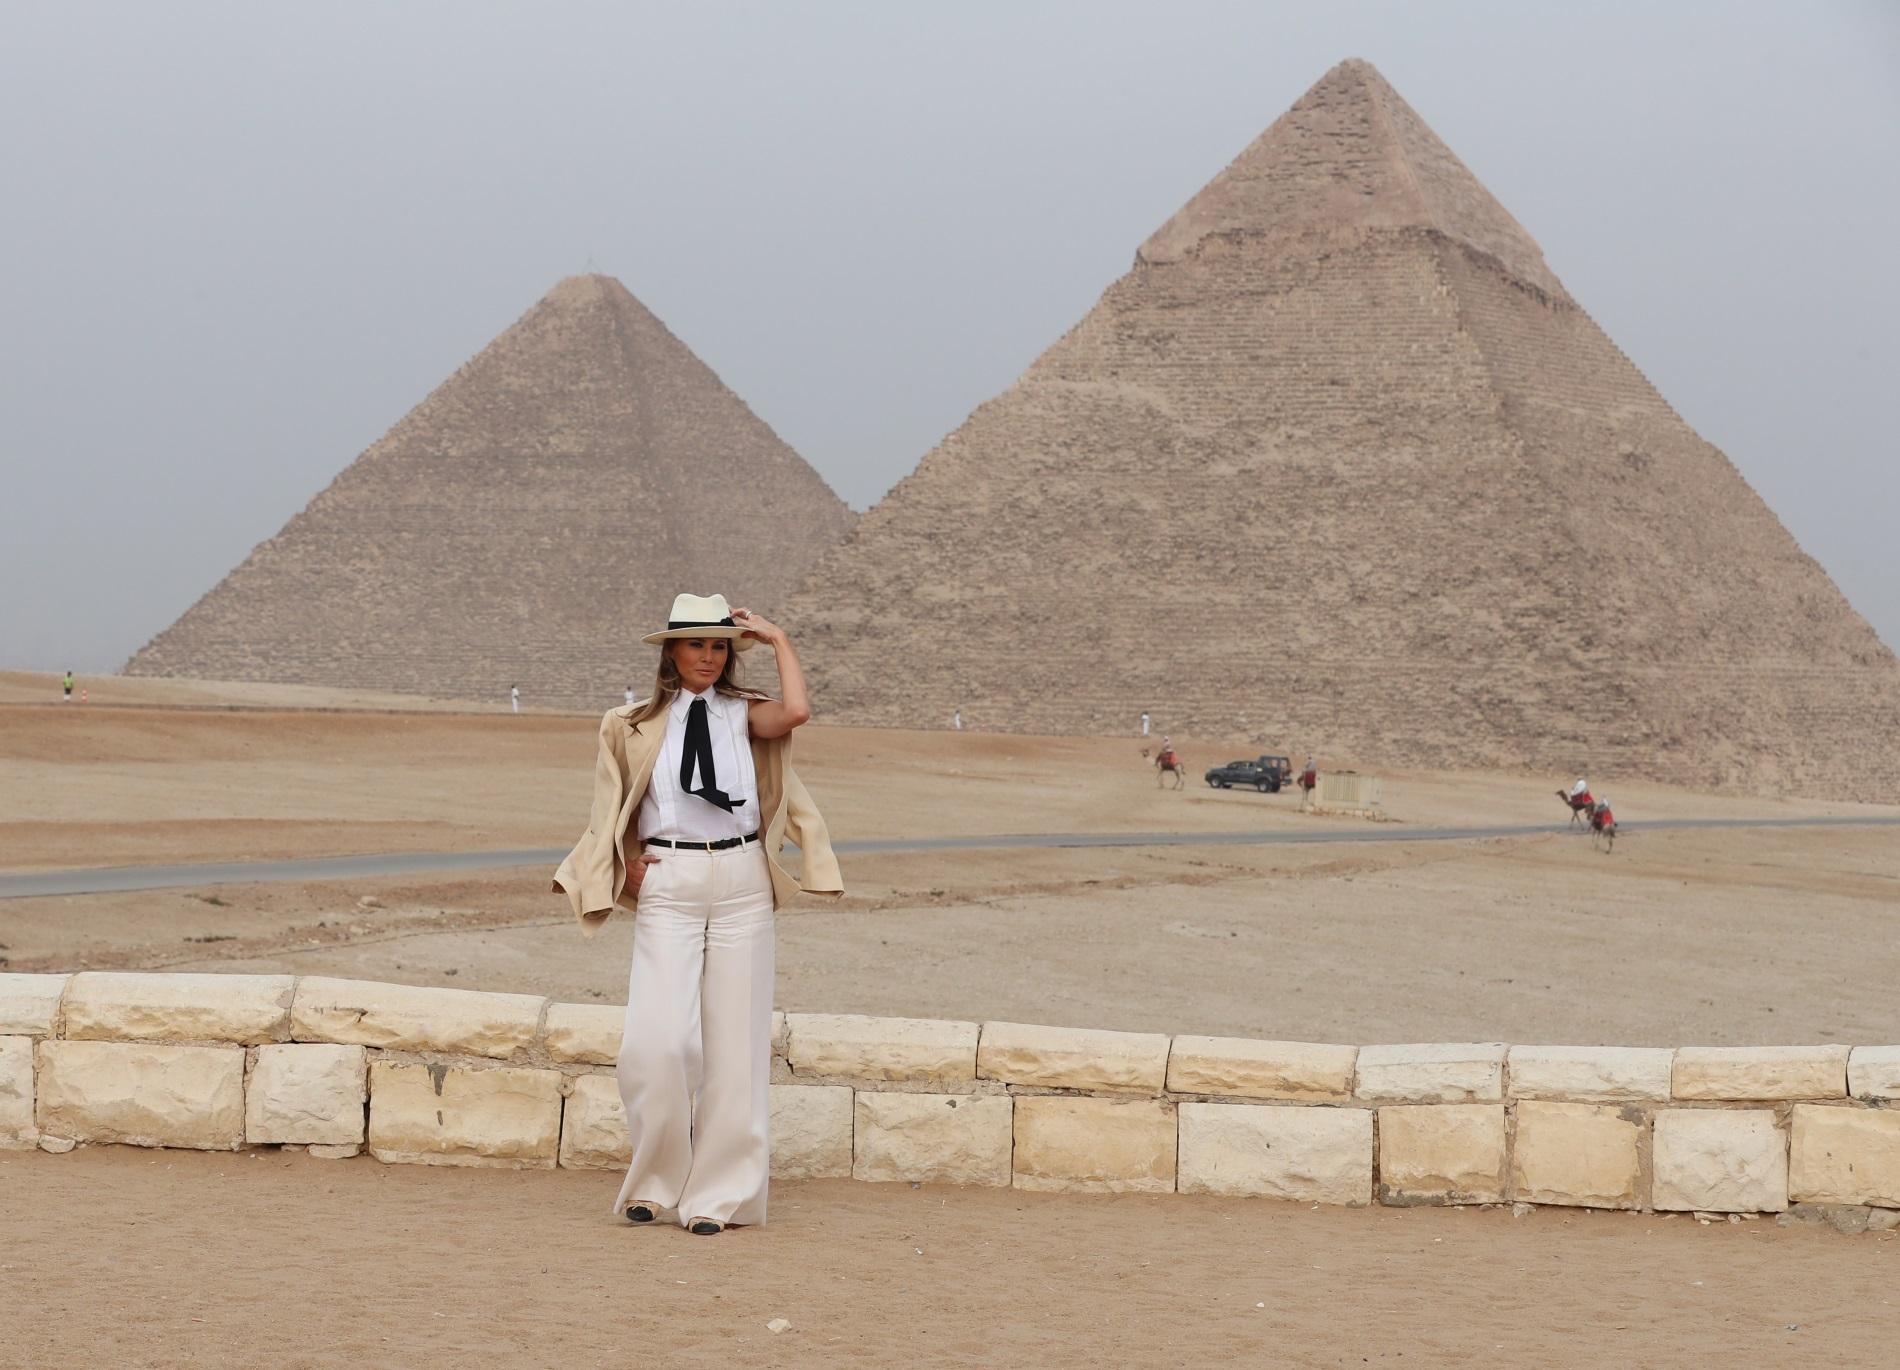 Първата дама на САЩМелания Тръмп до пирамидите в Гиза, Египет, 6 октомври 2018 г. Снимката е направена по време на нейното първо самостоятелно голямо задгранично пътуване, което включваше Гана, Малави, Кения и Египет.